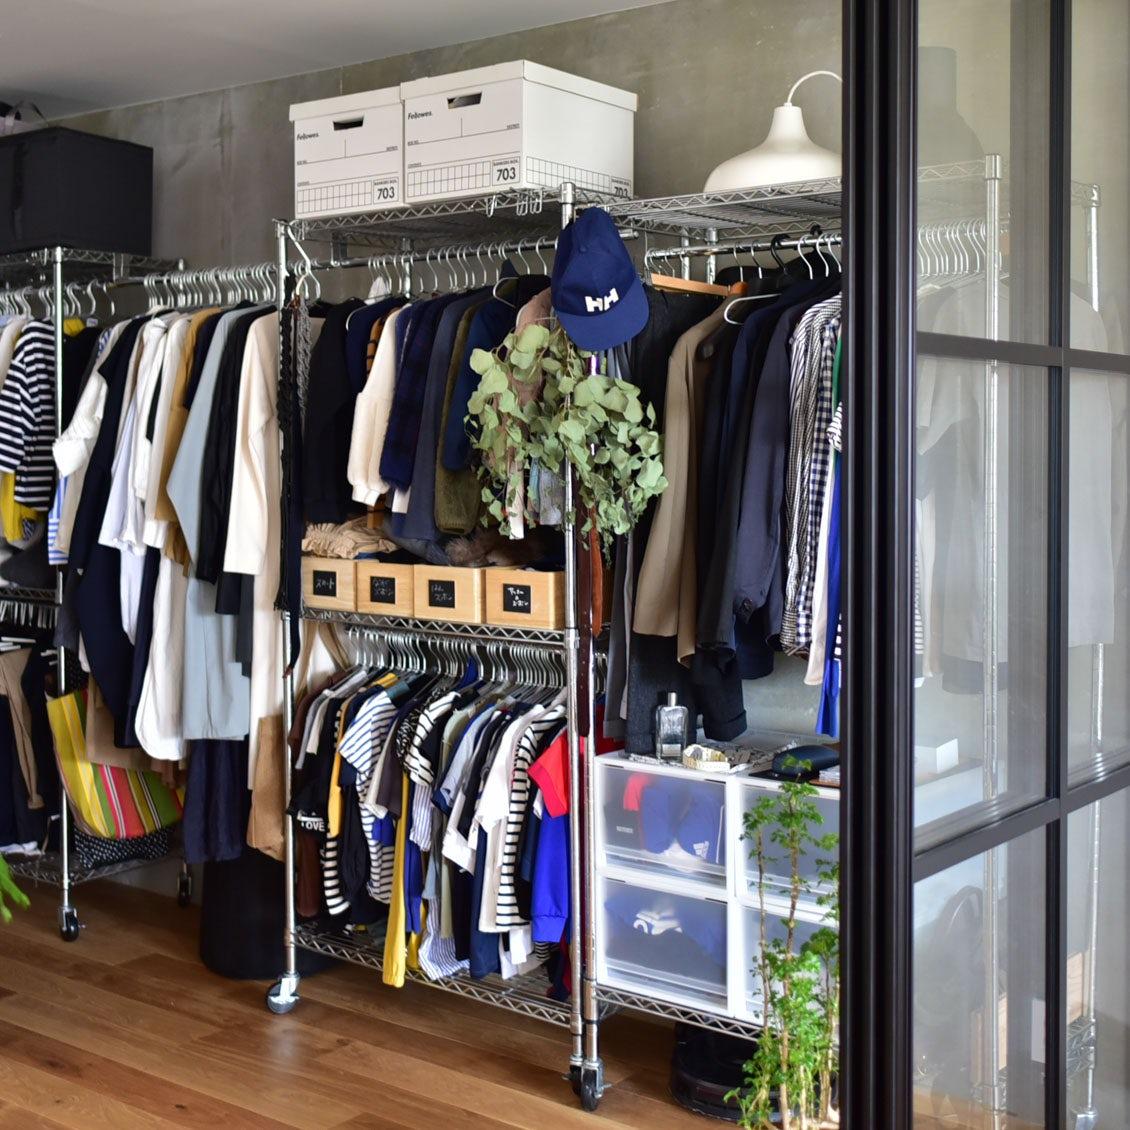 【スチールラック収納】家族全員の衣類がスッキリ整う、クローゼット収納術